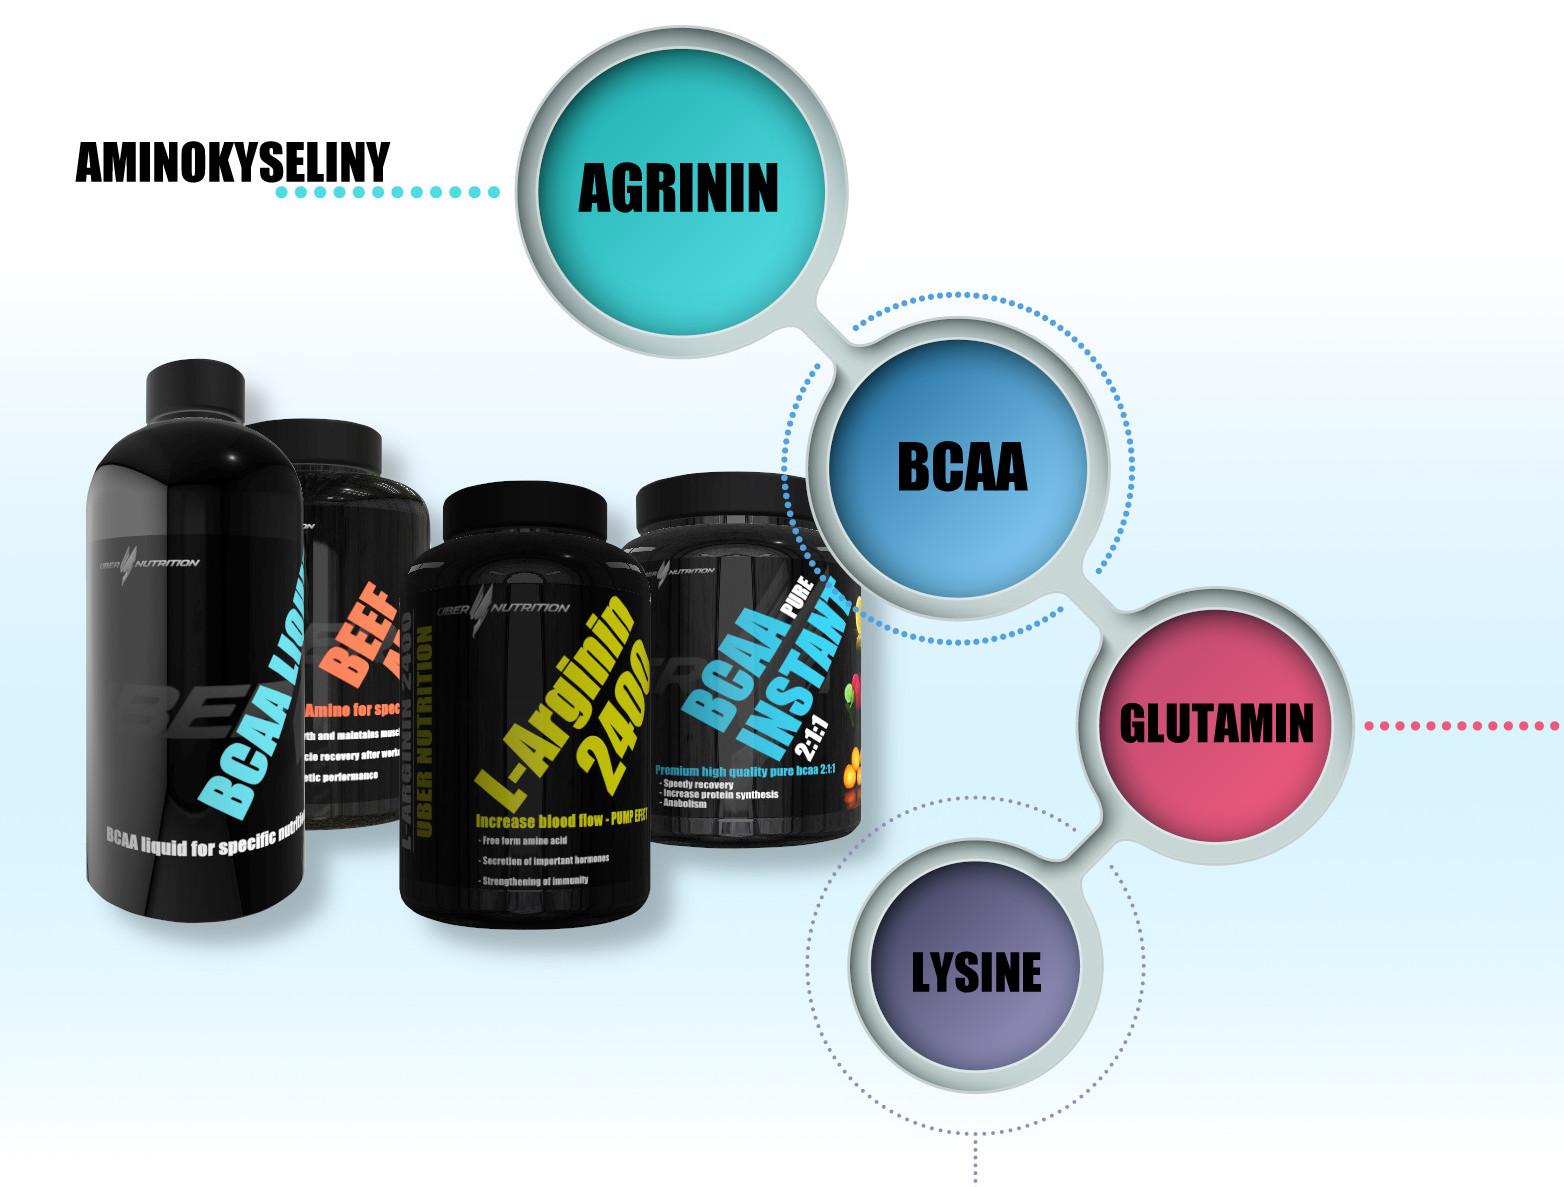 Aminokyseliny - základný prehlad